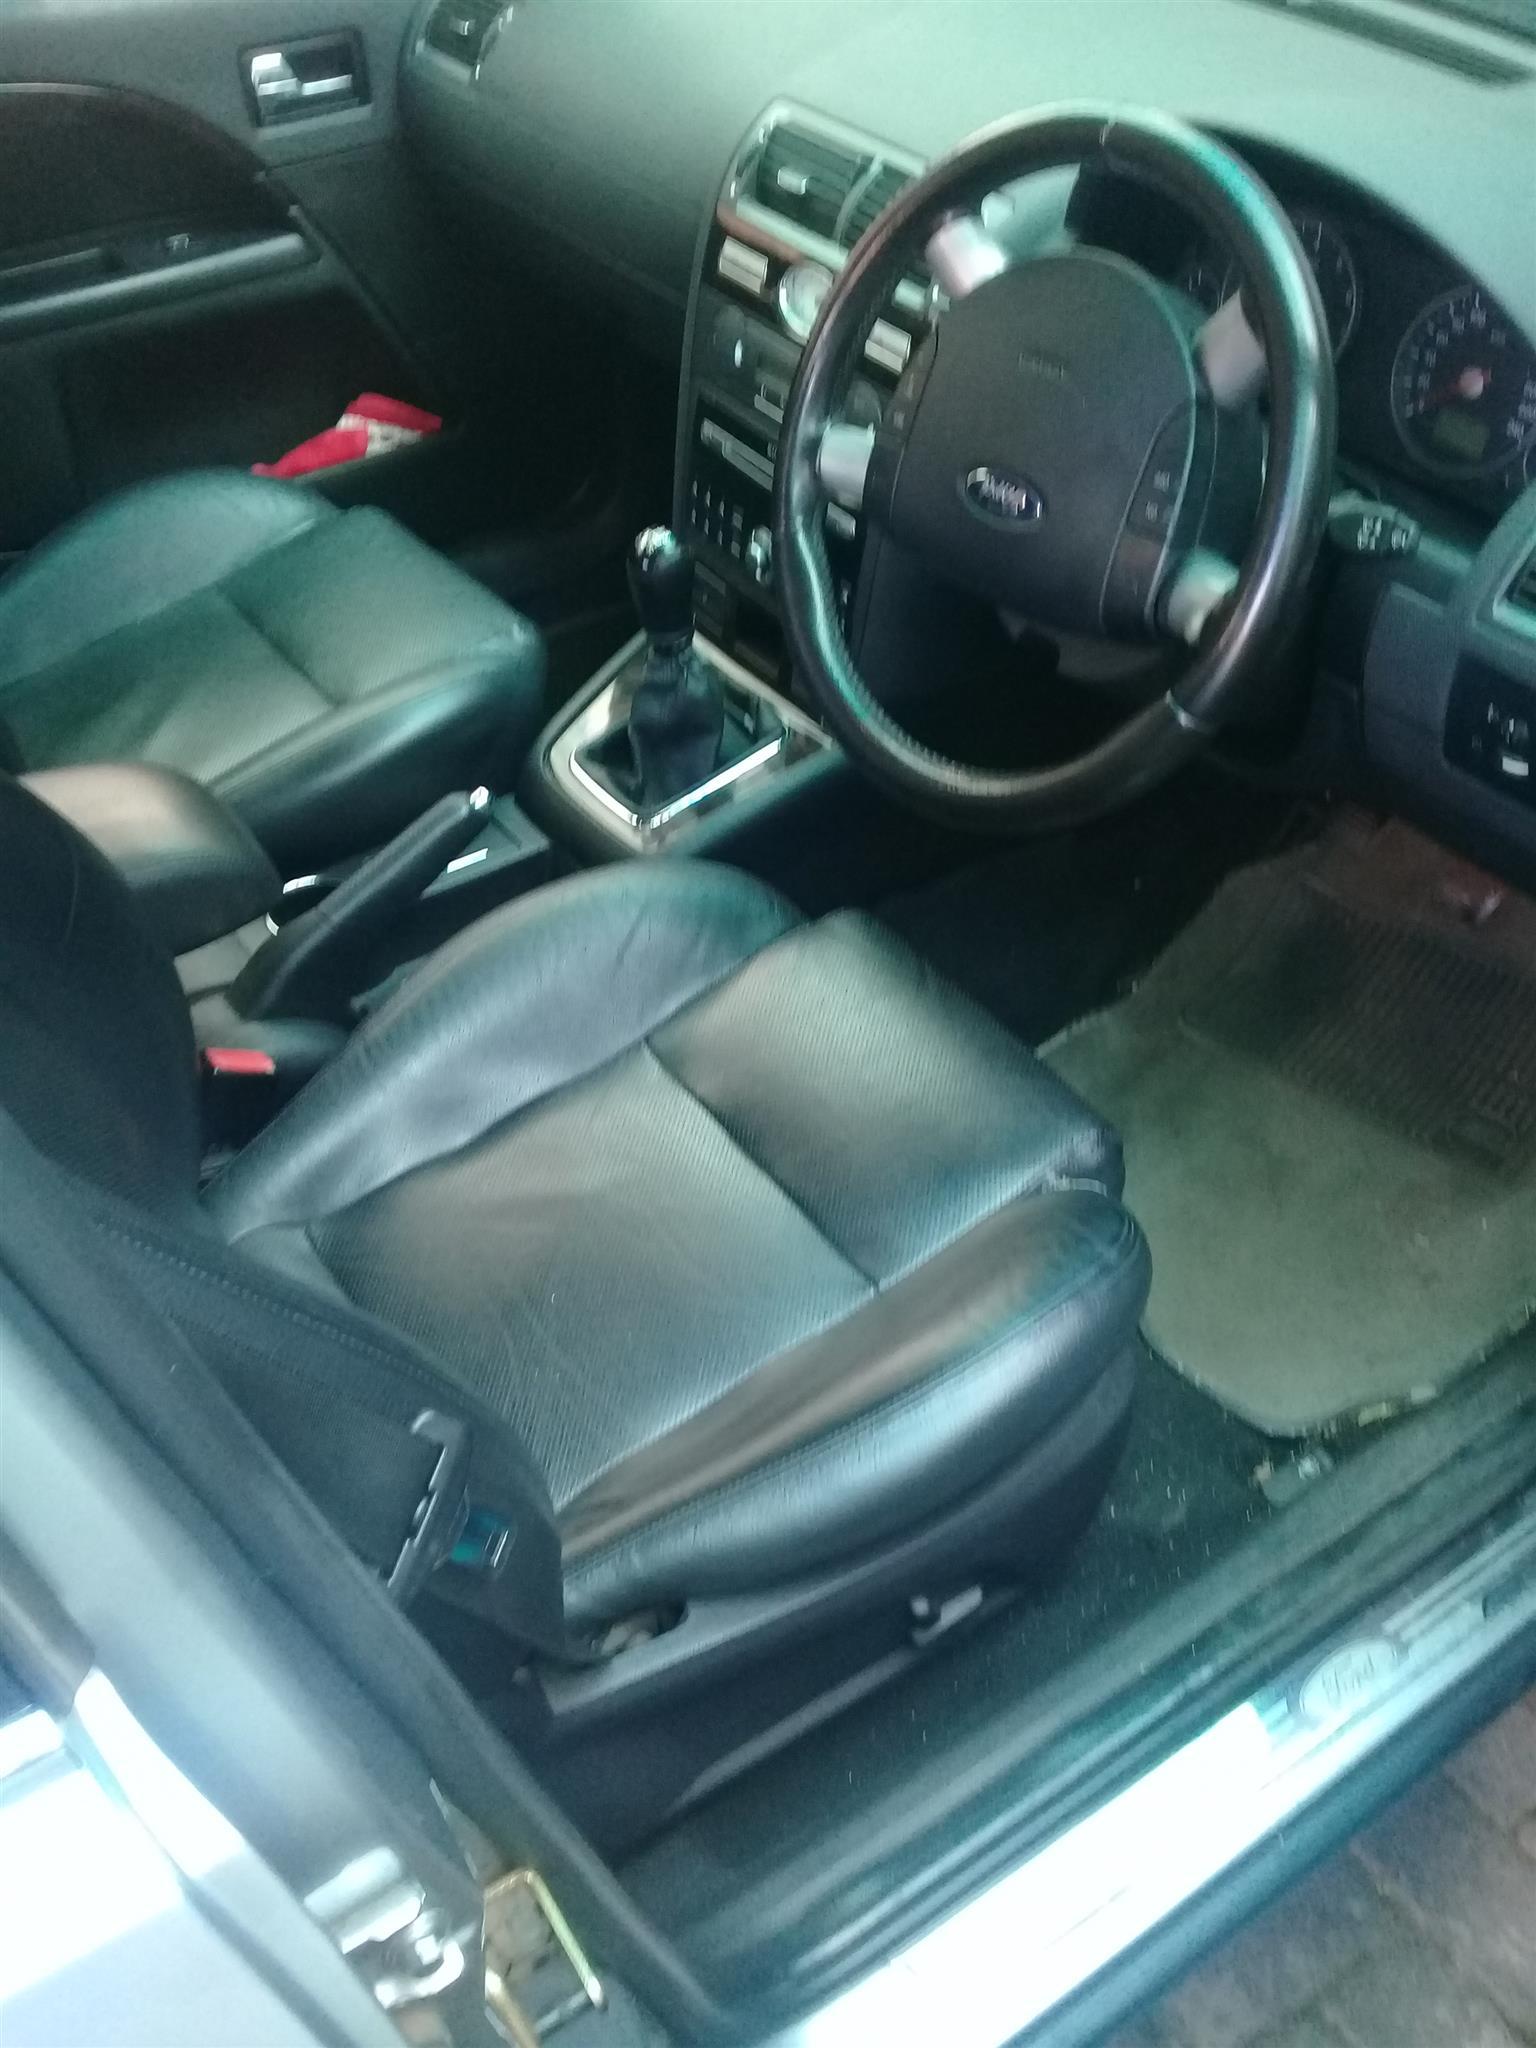 2005 Ford Mondeo 2.0 Ghia